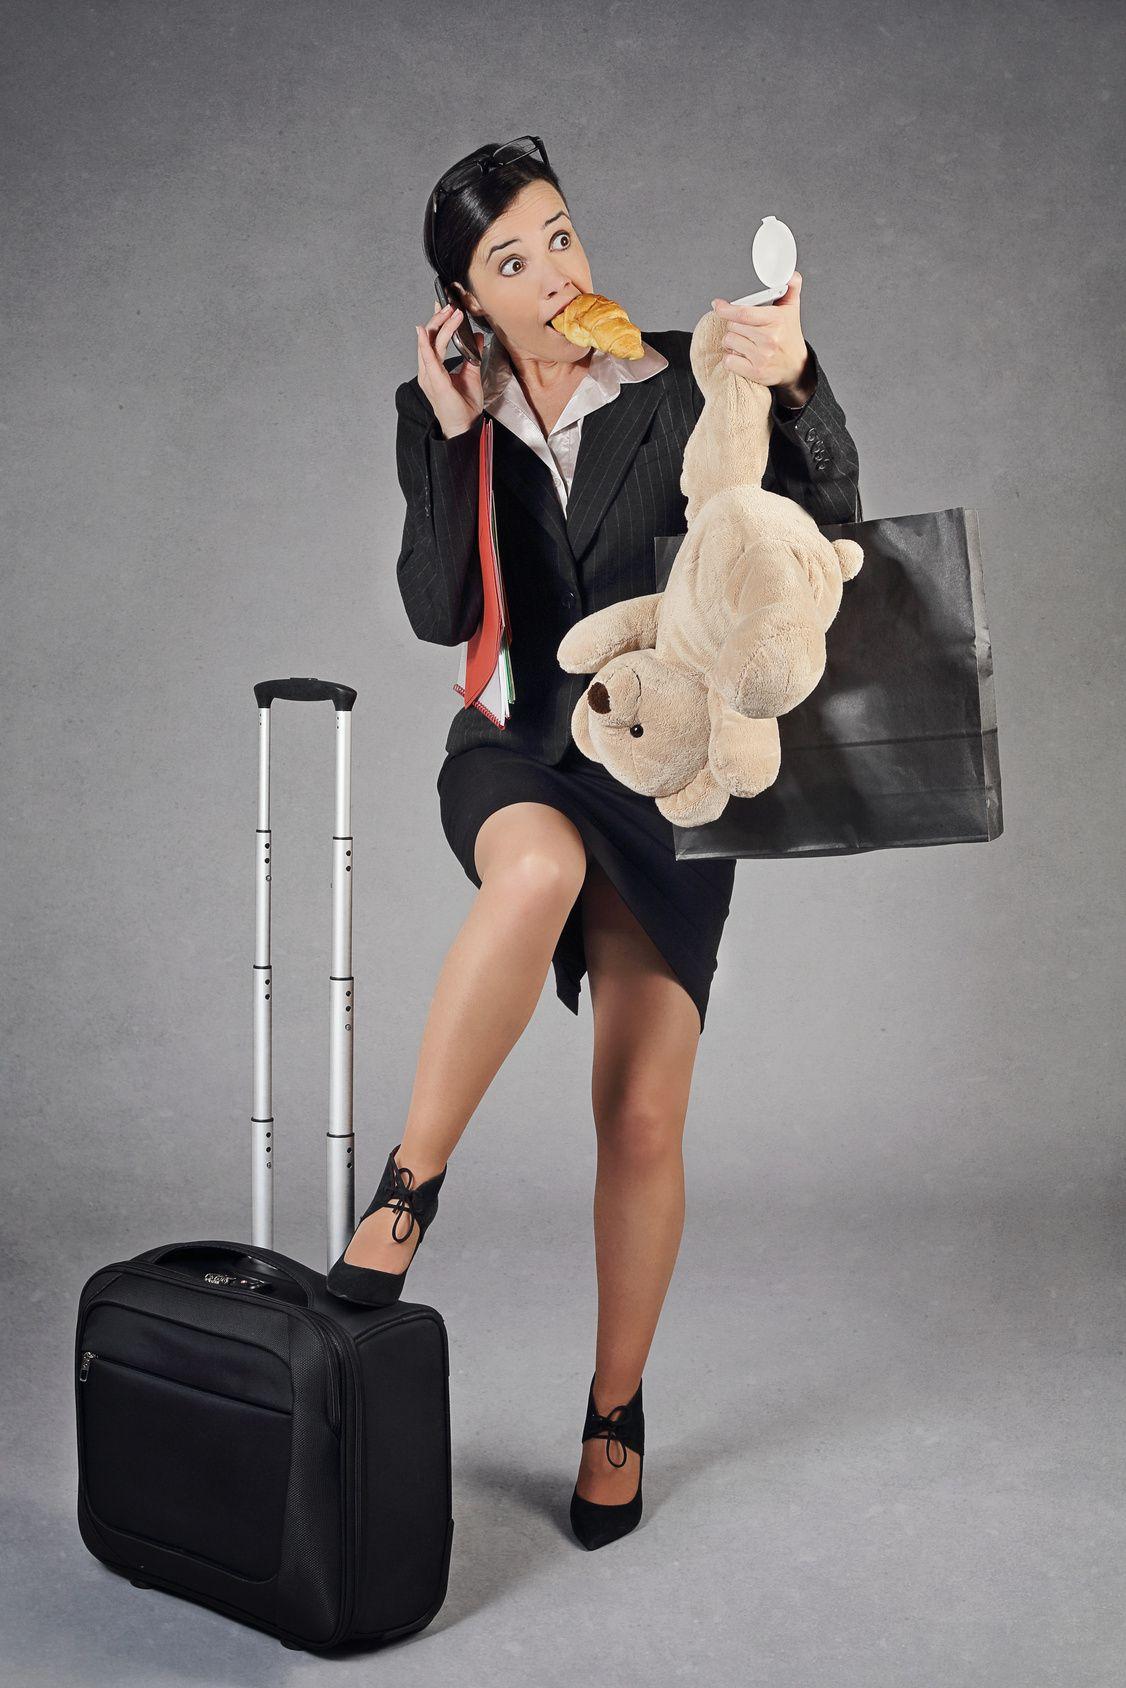 Karriere oder Familie? Frauen sind oft im Stress